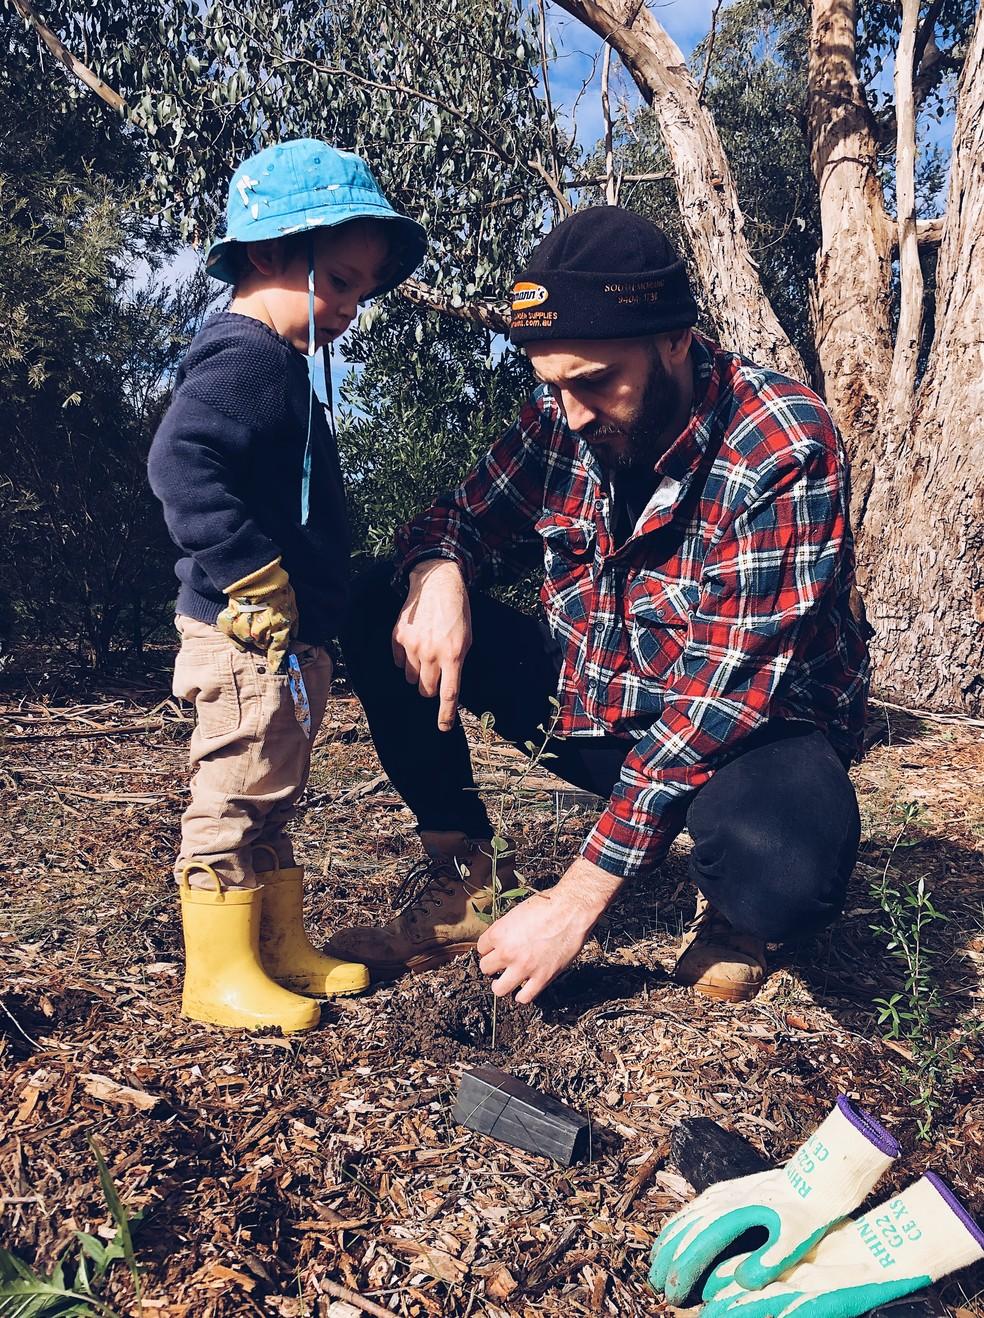 """Pai e filho plantando árvores: """"germinar uma semente com seu filho ou observar a fase de uma árvore em sua rua é um bom exercício"""", diz especialista. — Foto: Crema Joe/Unplash"""